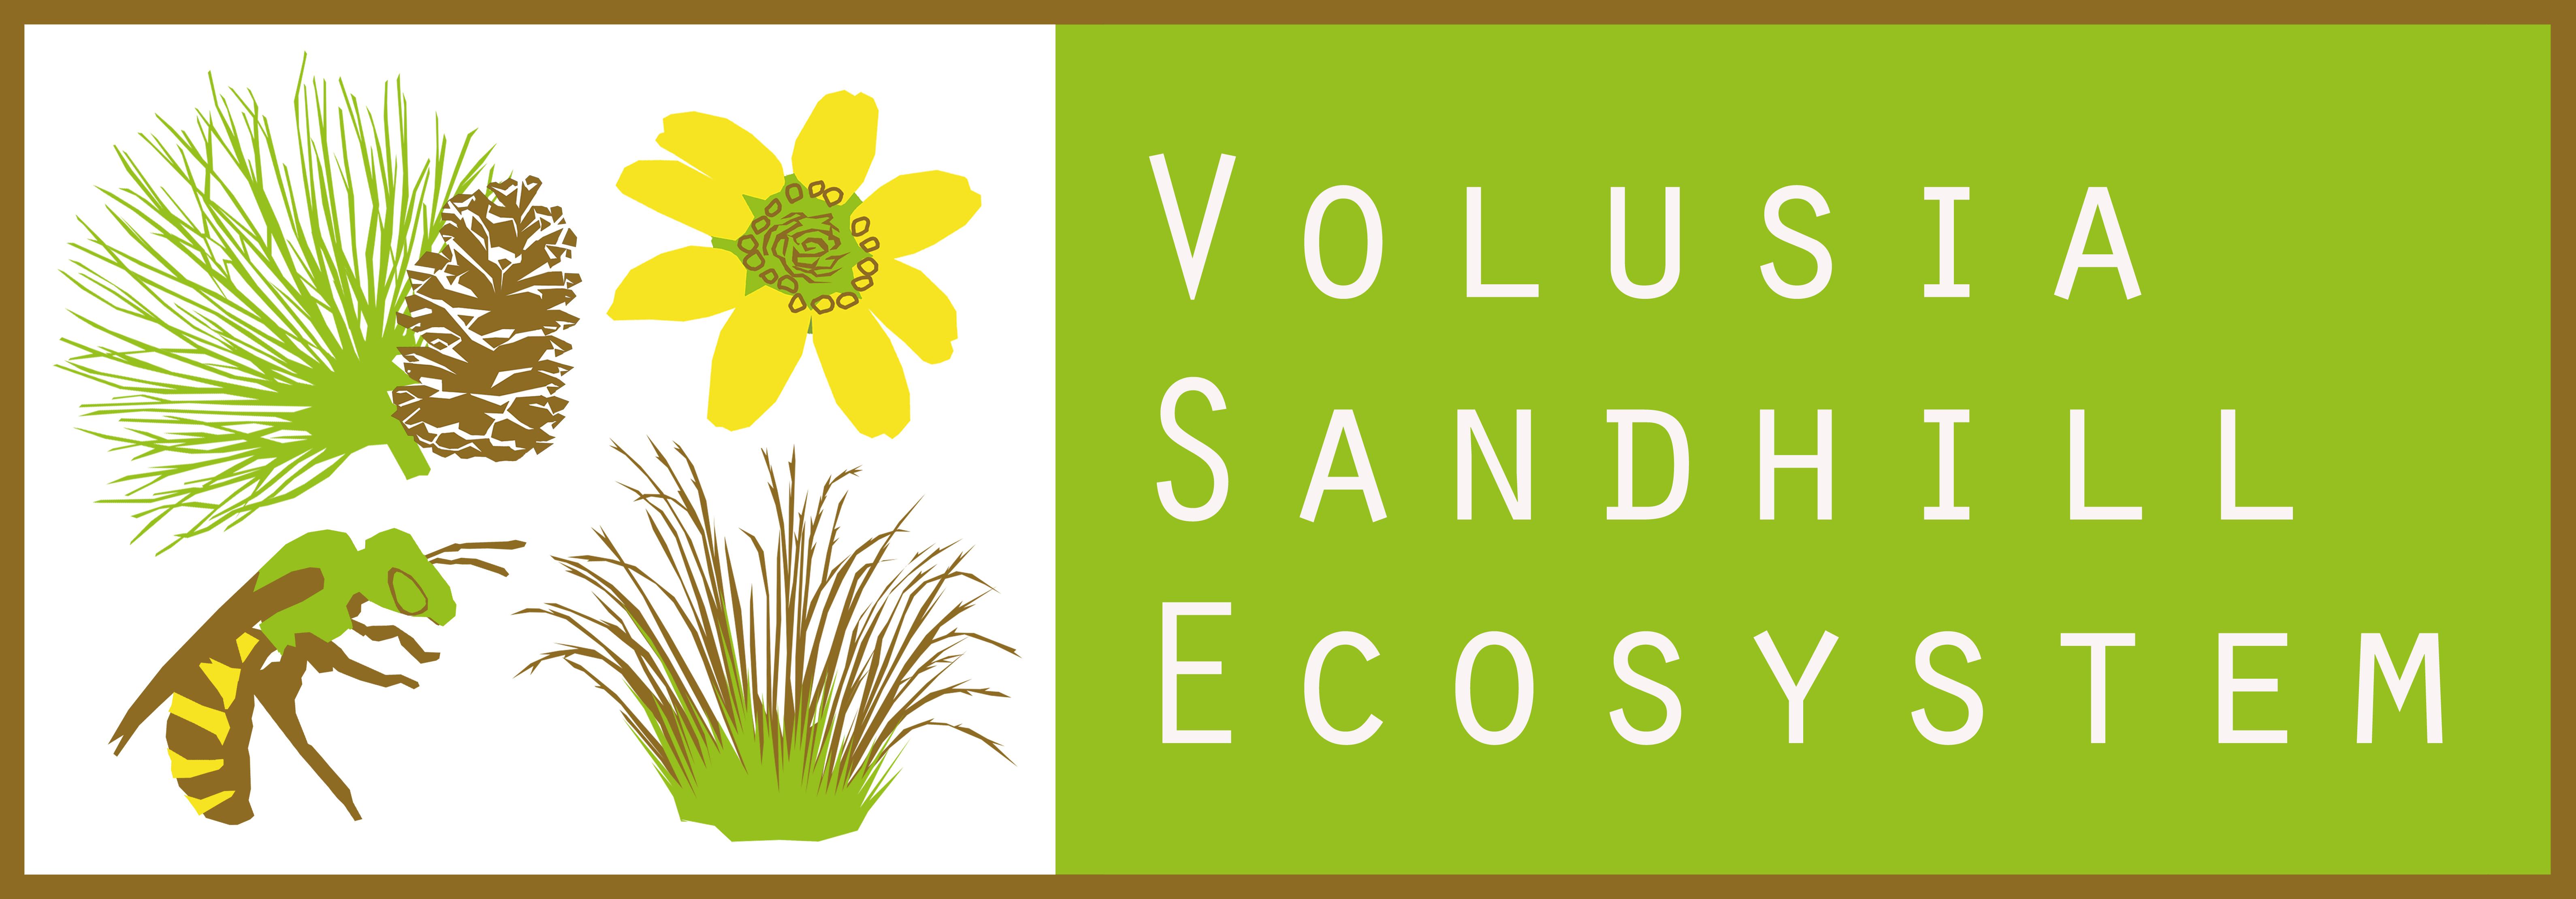 Volusia Sandhill Ecosystem logo